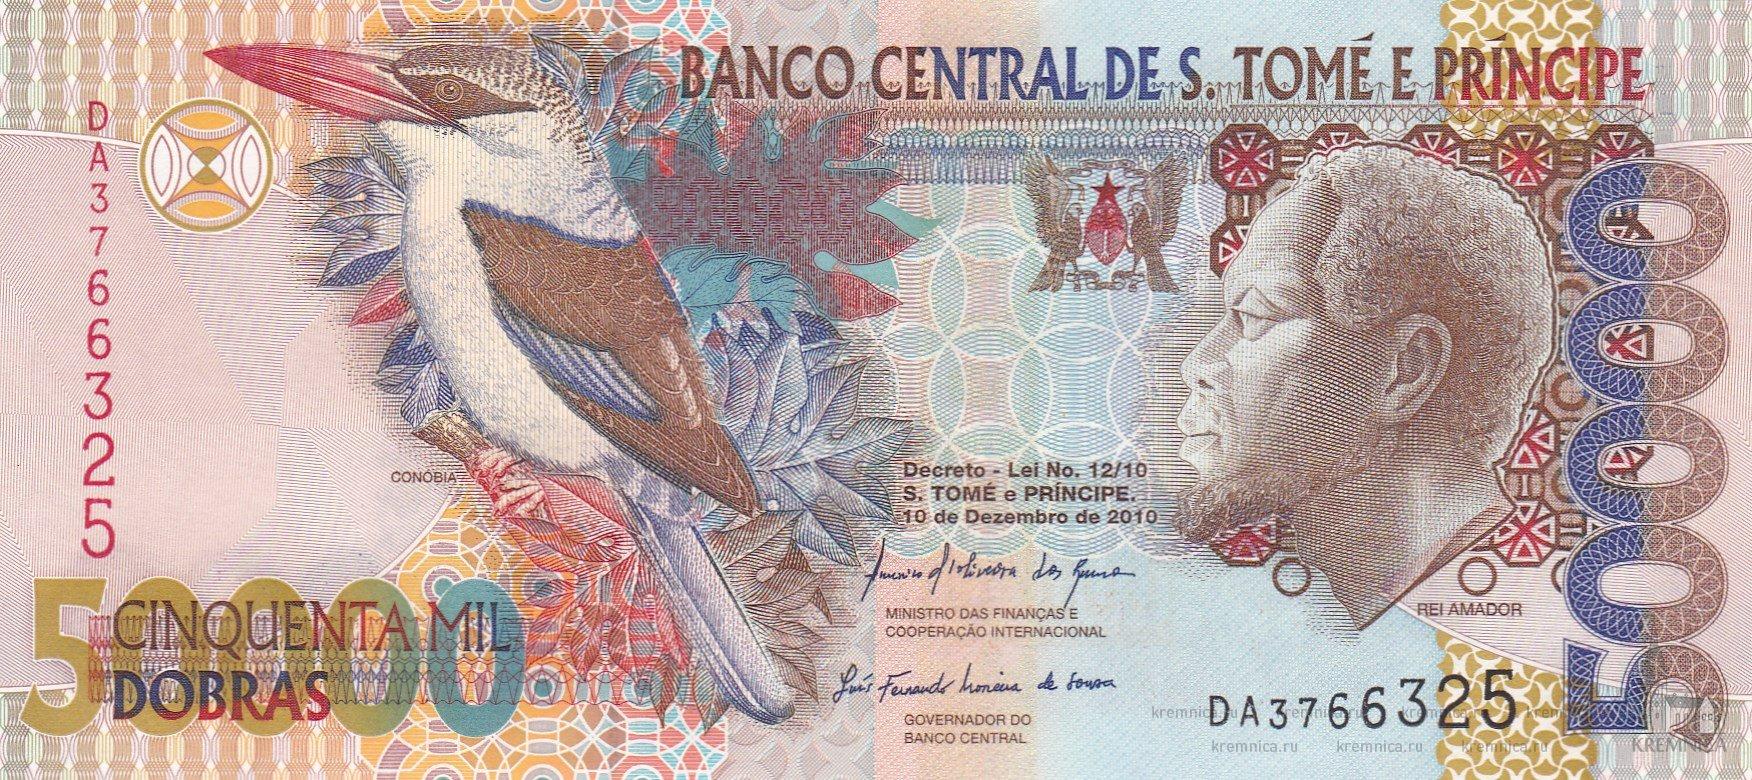 банкноты мира фото сбывались мечты, была